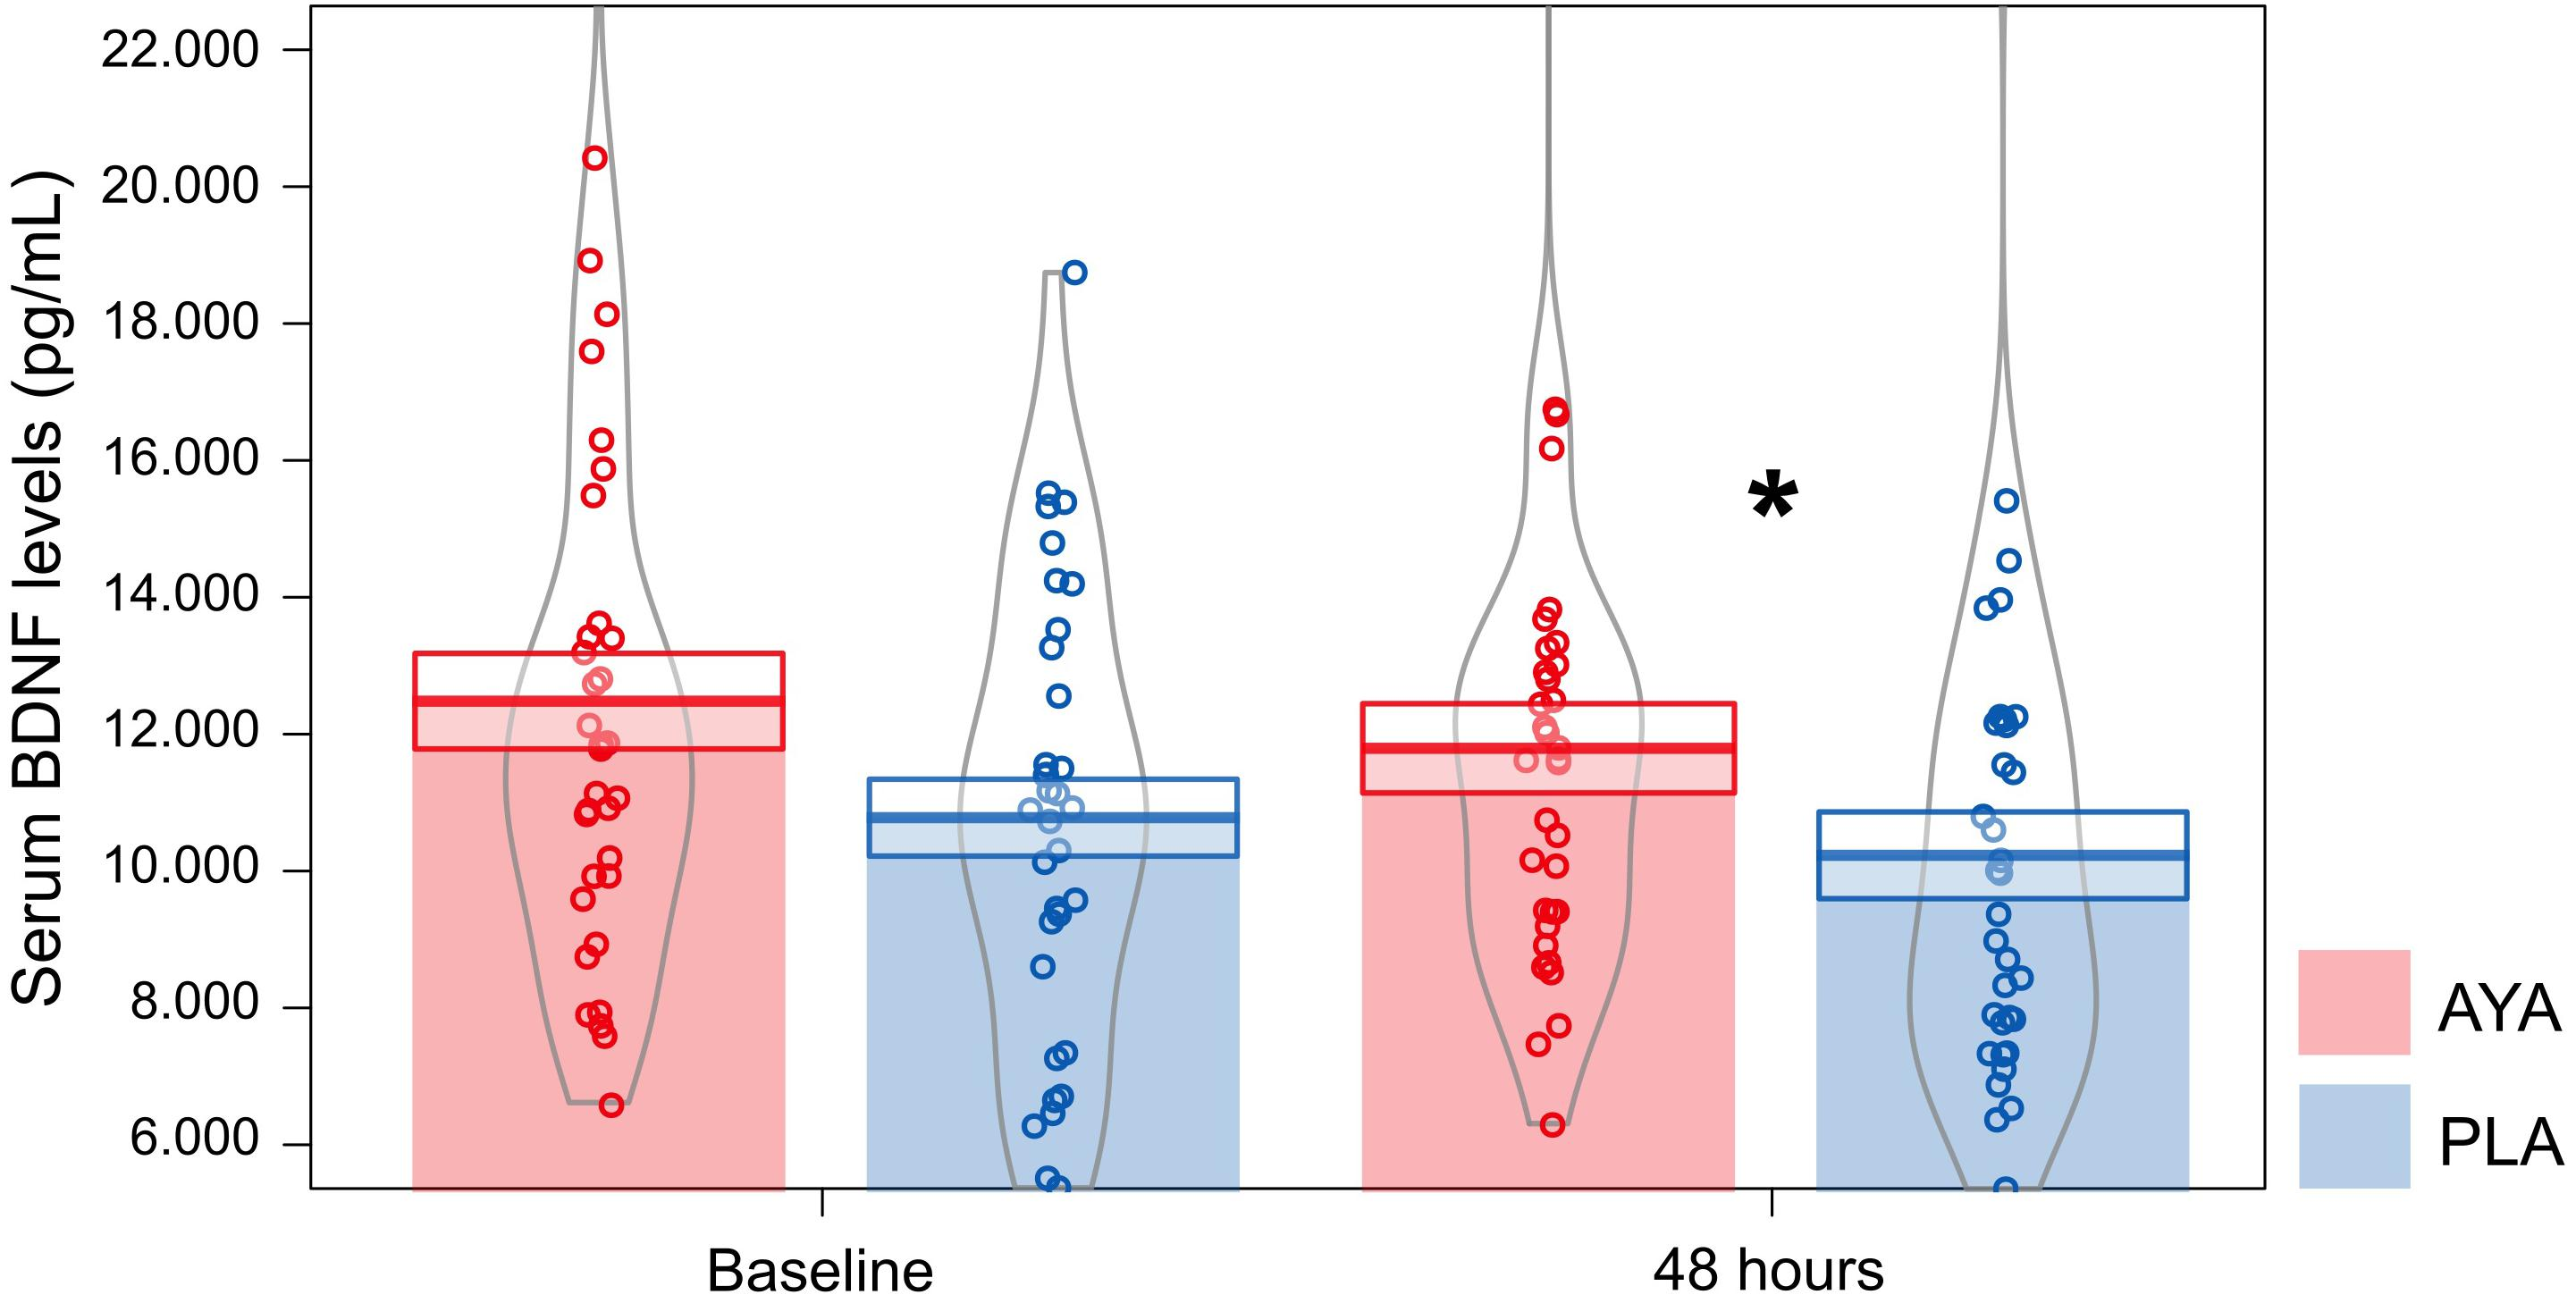 Frontiers | Modulation of Serum Brain-Derived Neurotrophic